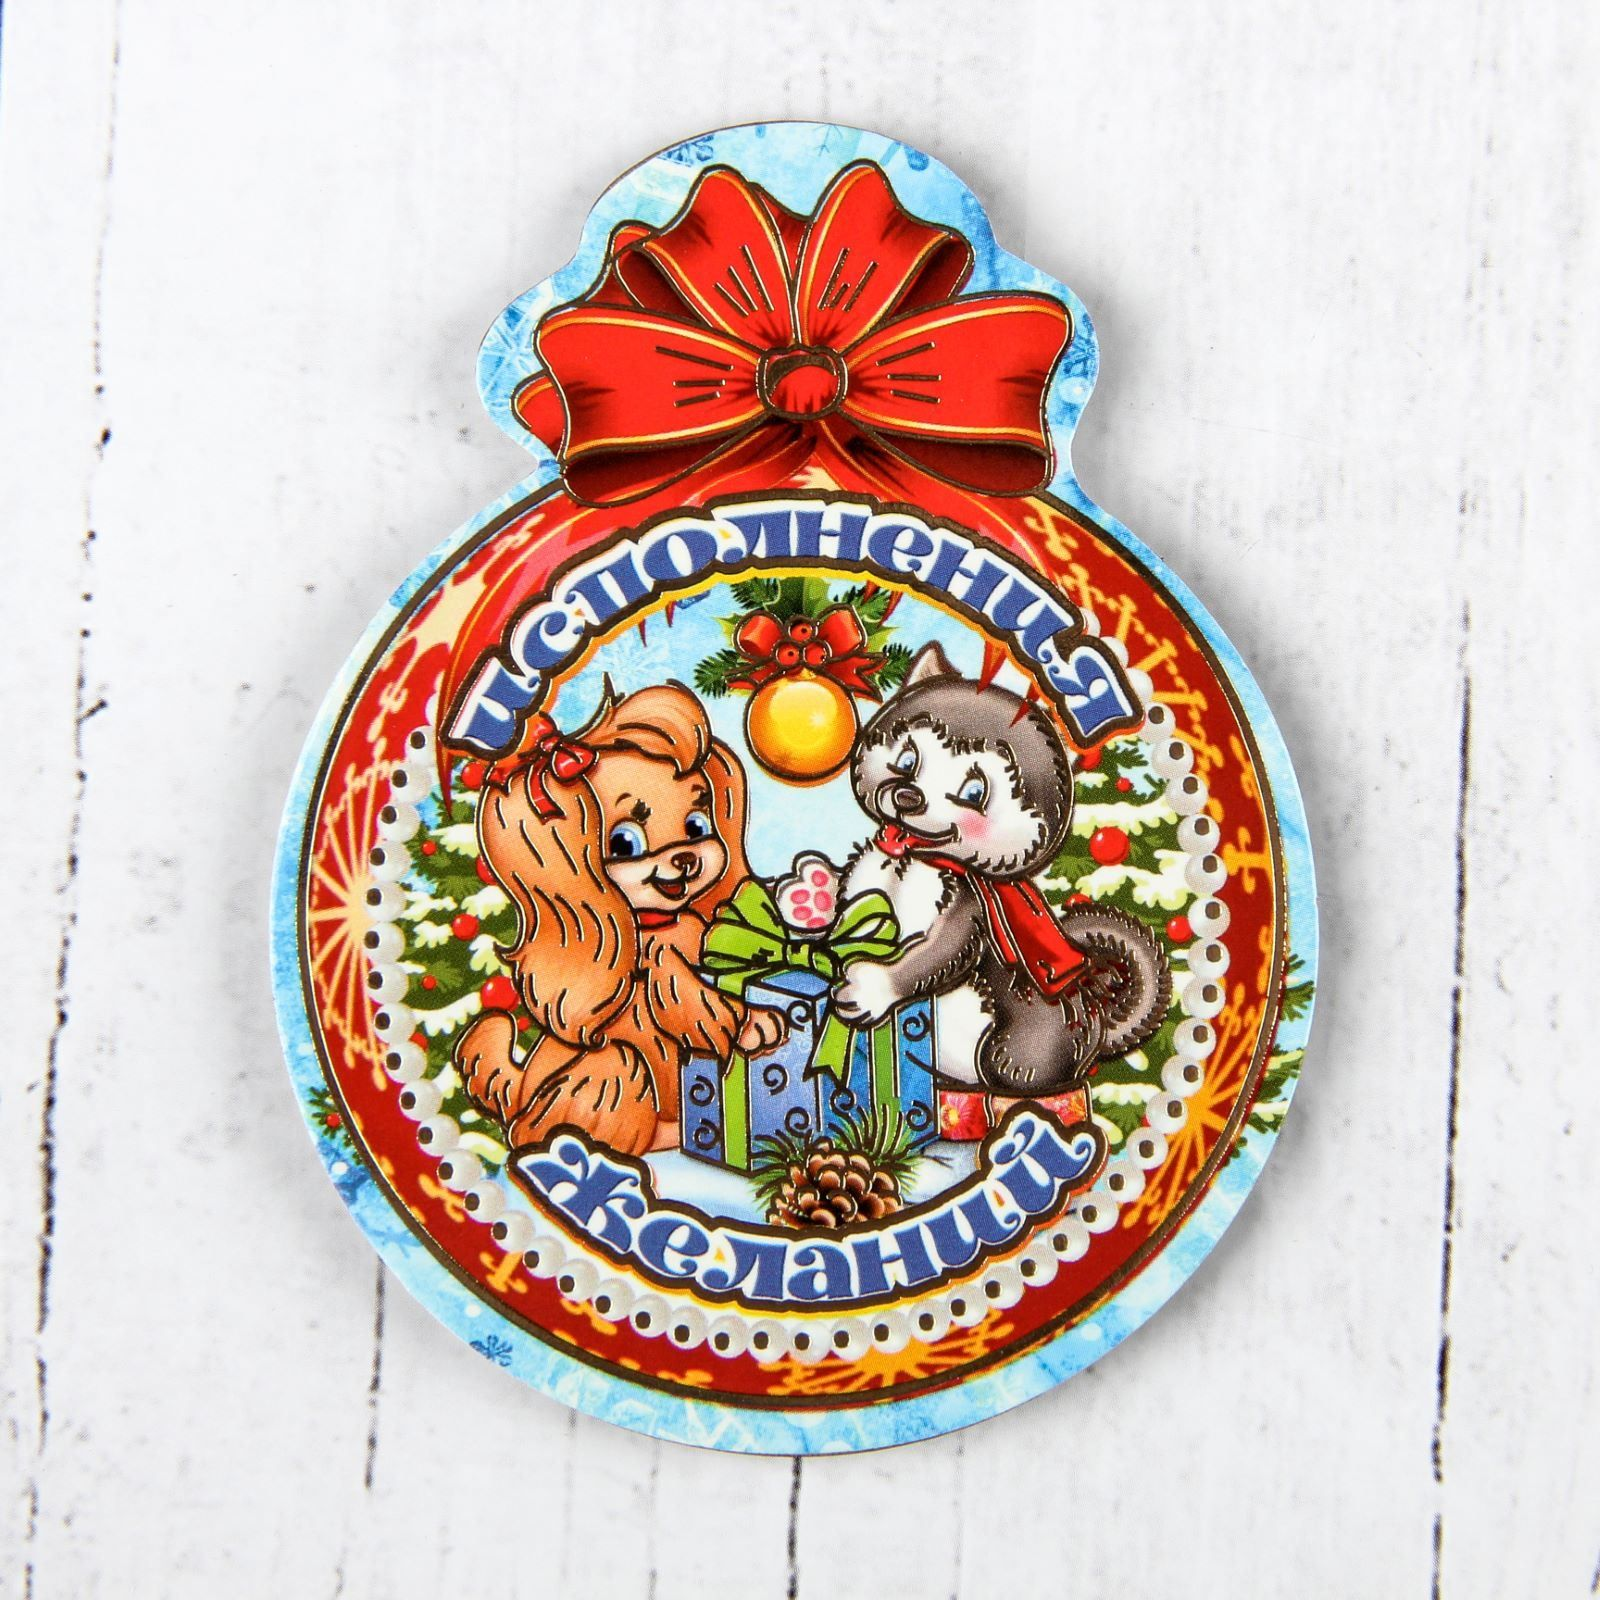 Магнит Sima-land Новогодний. 2018, 9,5 х7,5 см. 25323922532392Порадуйте родных и близких оригинальным сувениром: преподнесите в подарок магнит. С ним даже самый серьёзный человек почувствует себя ребёнком, ожидающим чудо! Создайте праздничное настроение, и оно останется с вами на весь год.